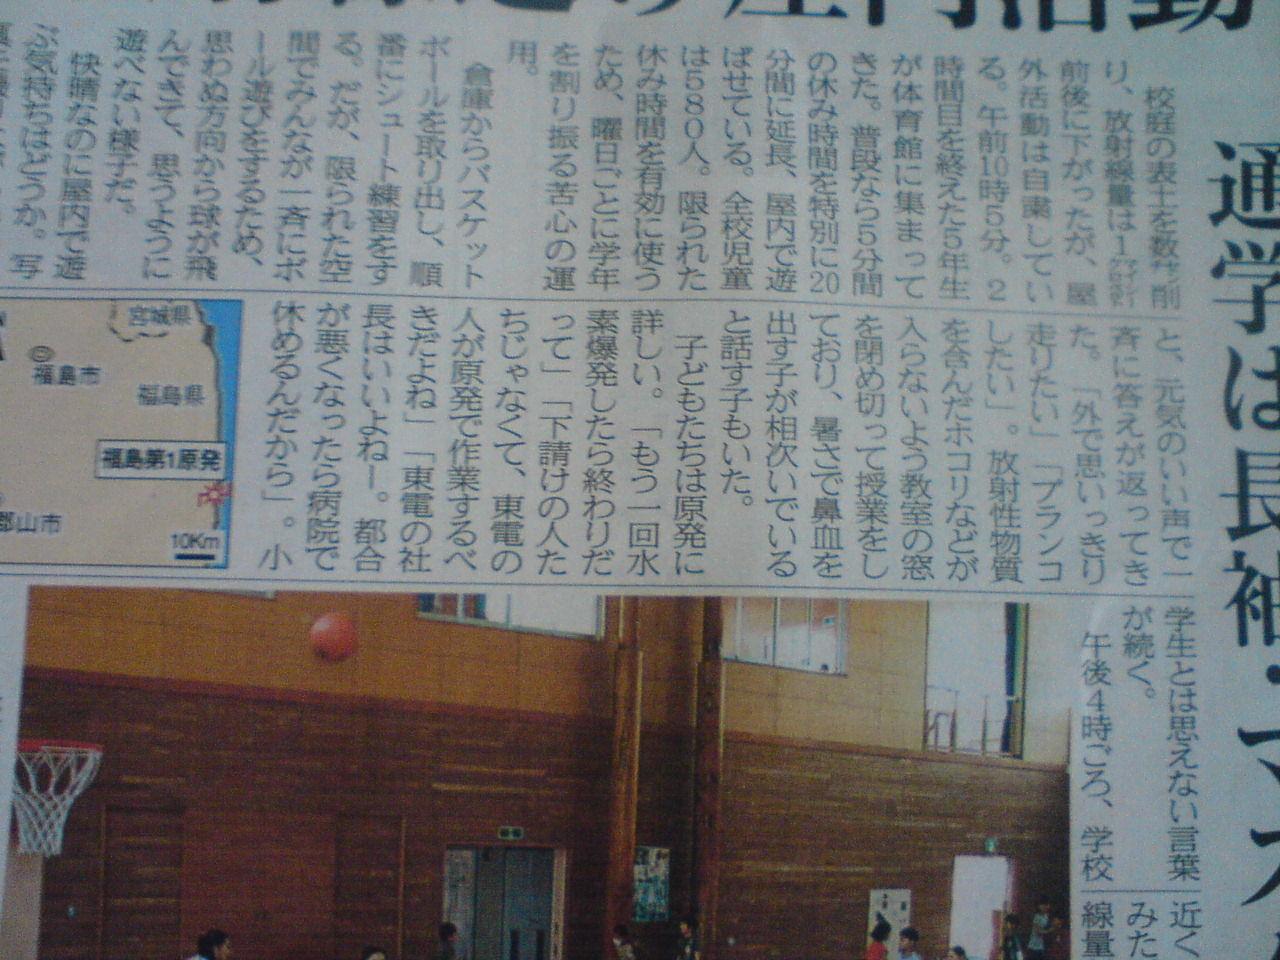 http://livedoor.blogimg.jp/ko_jo/imgs/9/d/9d66b52b.jpg